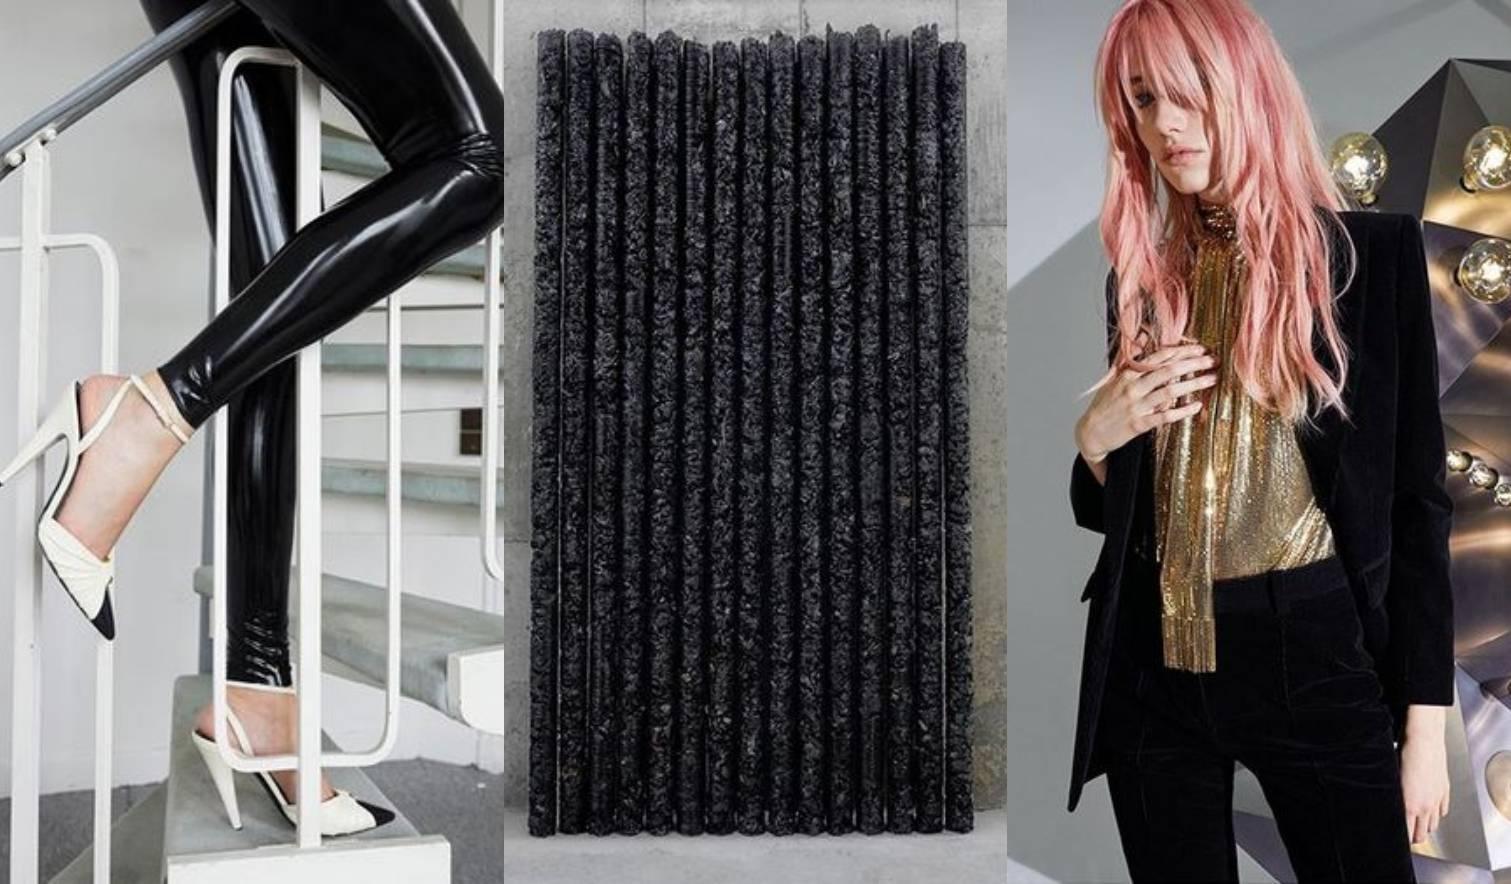 Helmut Lang radi umjetnička djela nastala od ostataka odjeće i torbi Saint Laurent